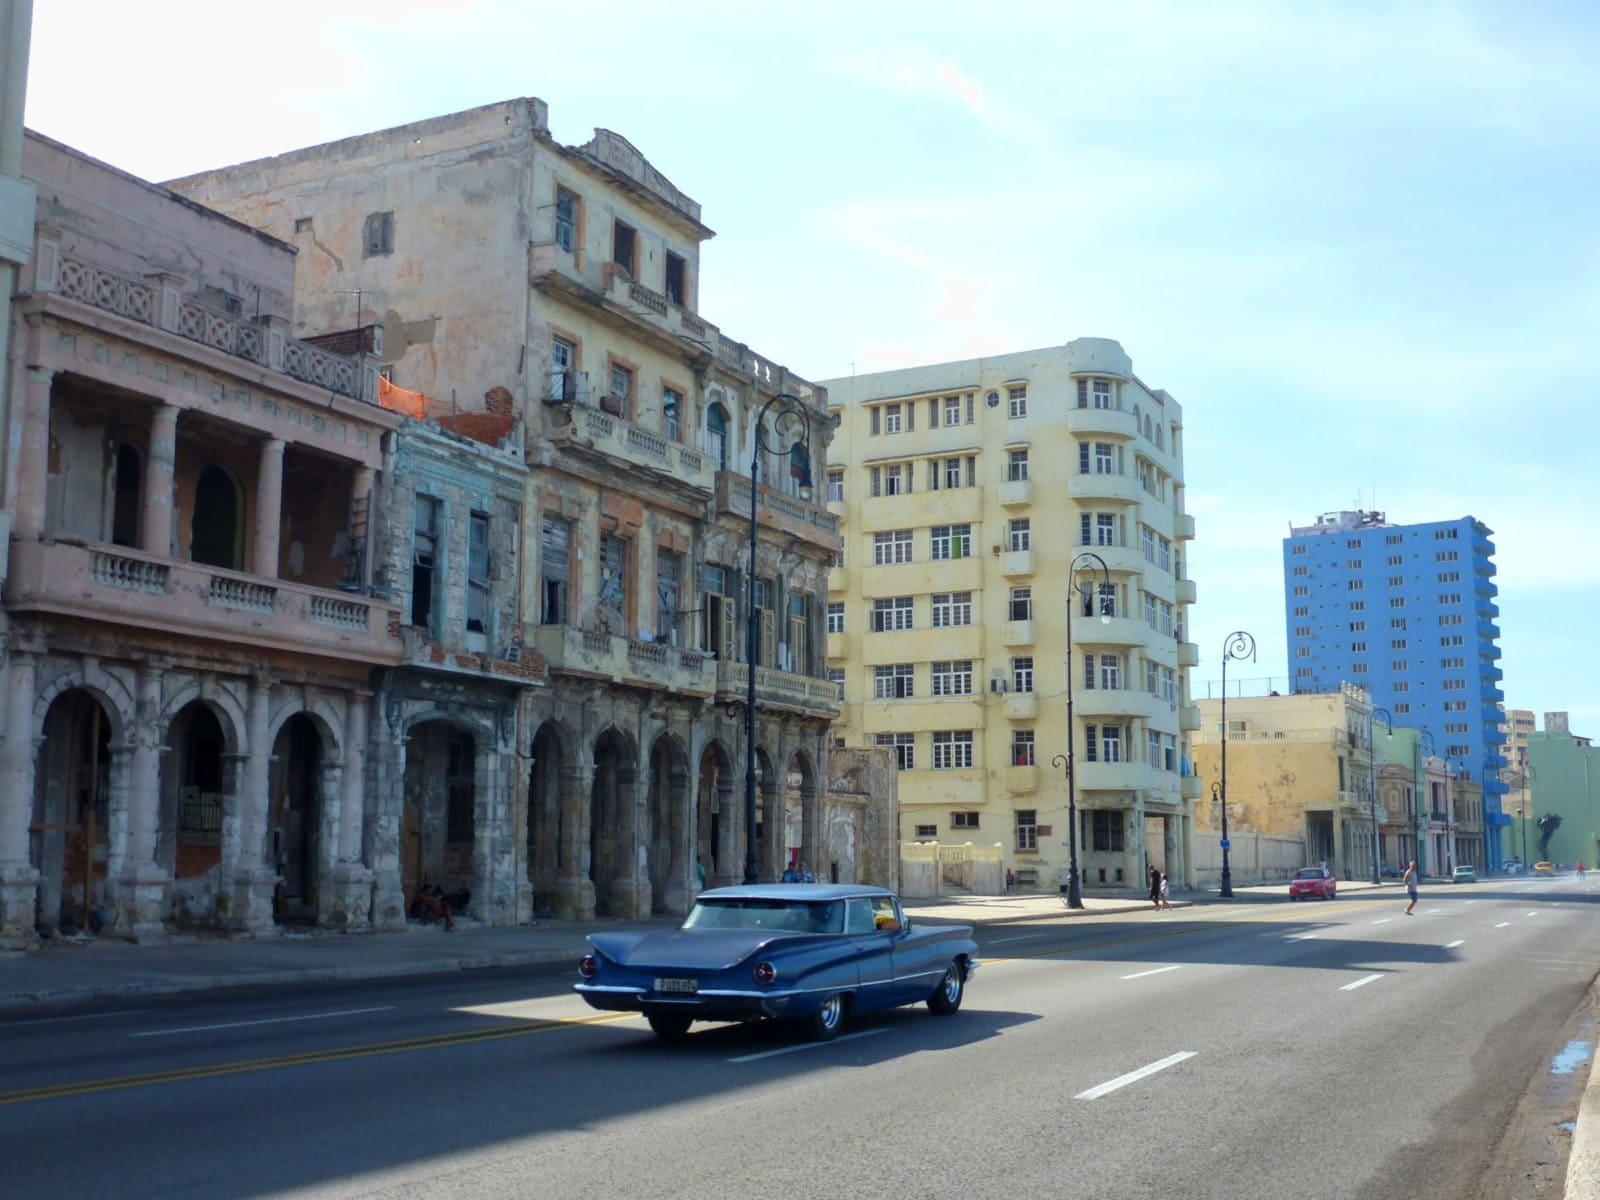 Havanna Sehenswürdigkeiten Malecon Promenade